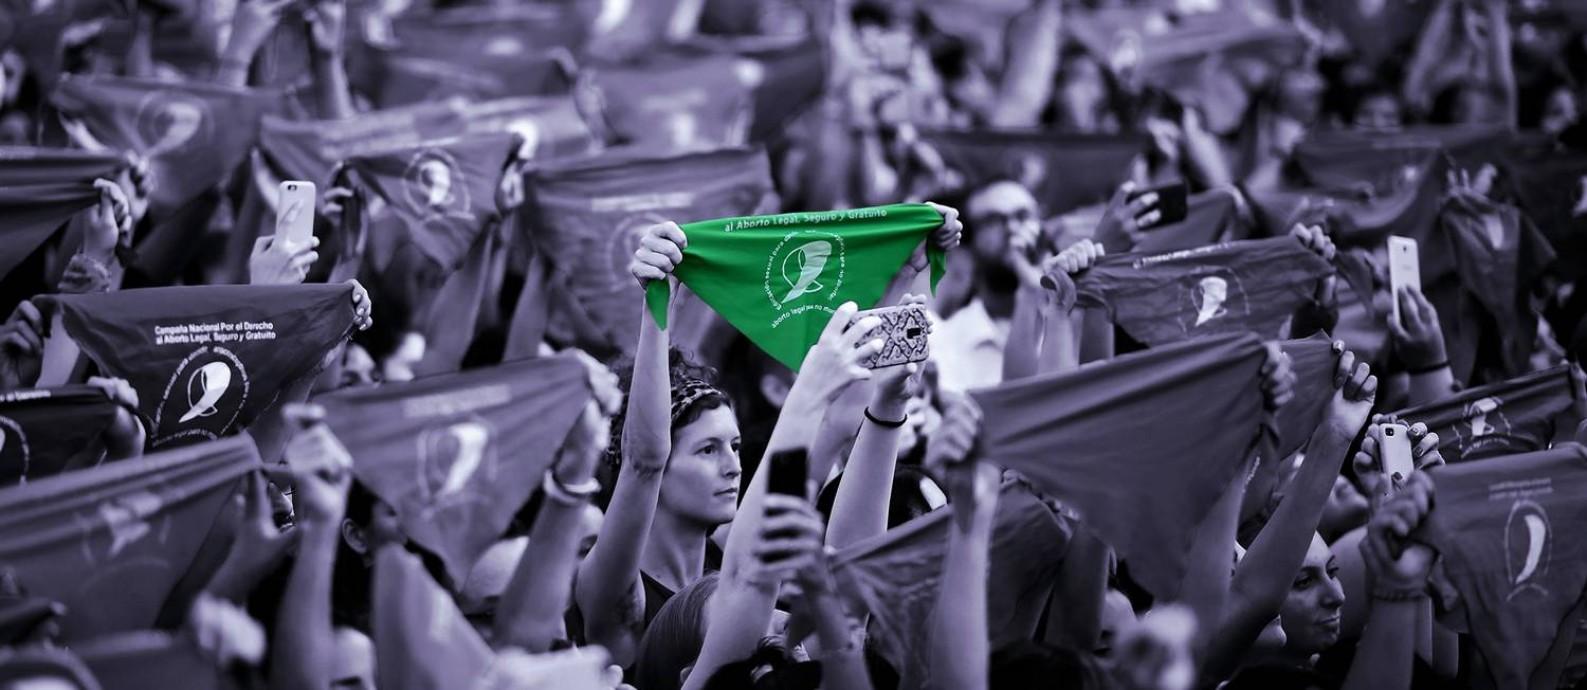 Mulheres ocupam as ruas com os tradicionais 'panuelos' verdes em mãos, que se tornaram símbolo da luta pela legalização do aborto na Argentina Foto: AFP